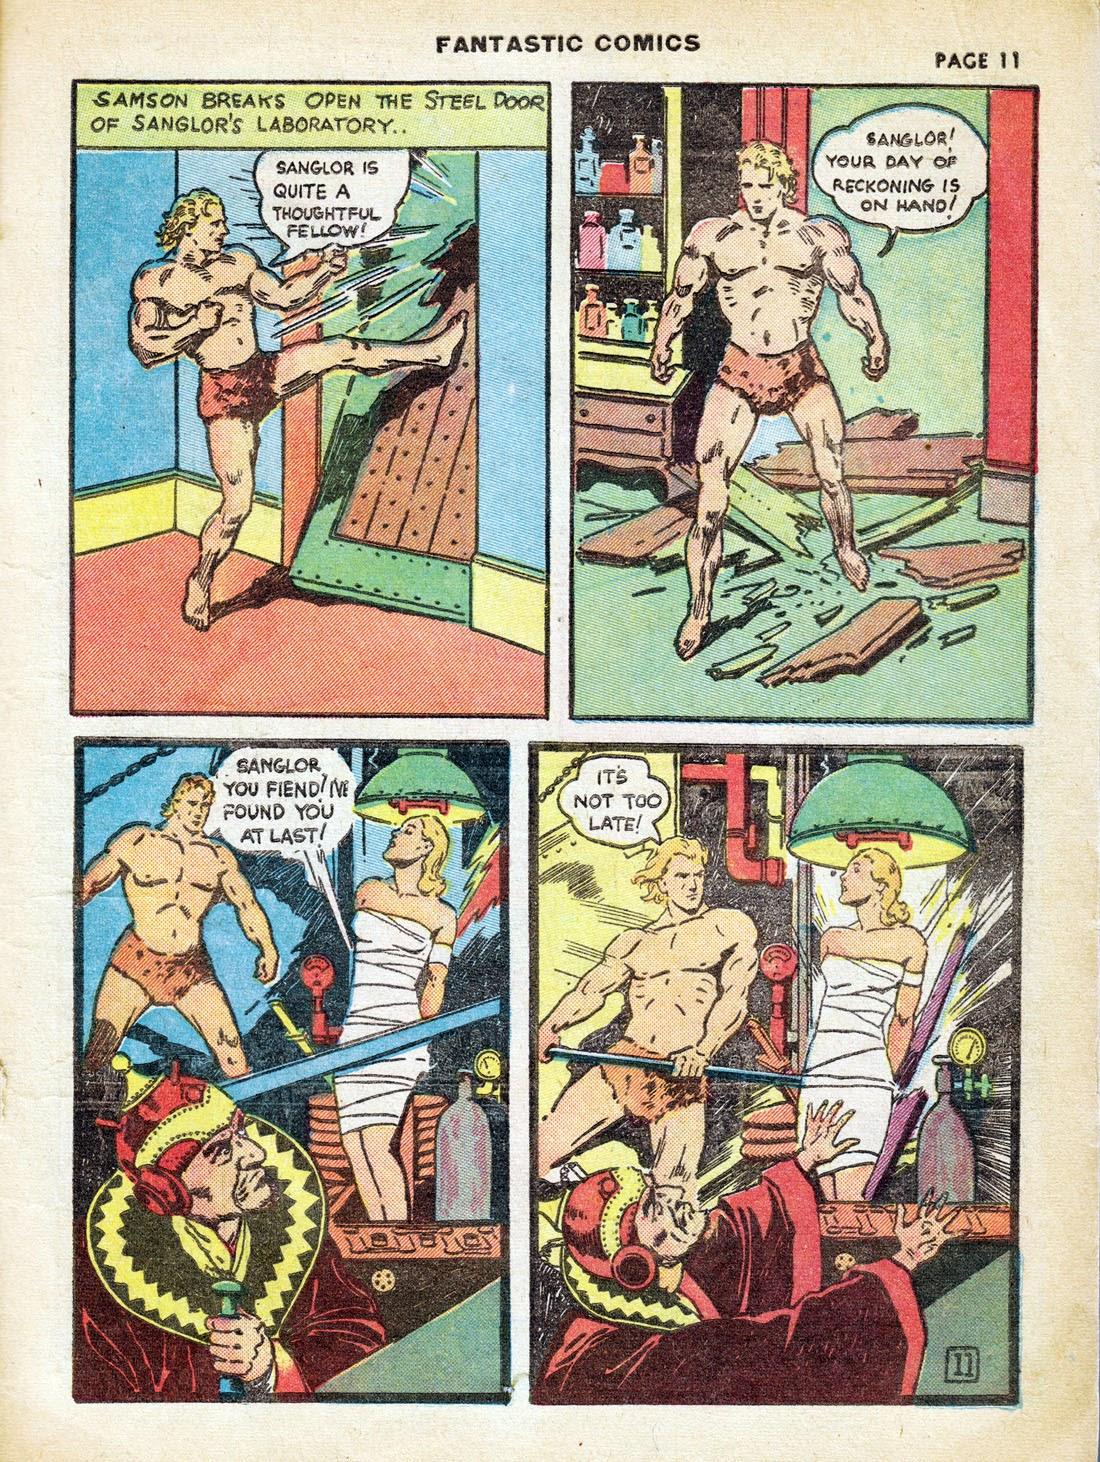 Read online Fantastic Comics comic -  Issue #7 - 13